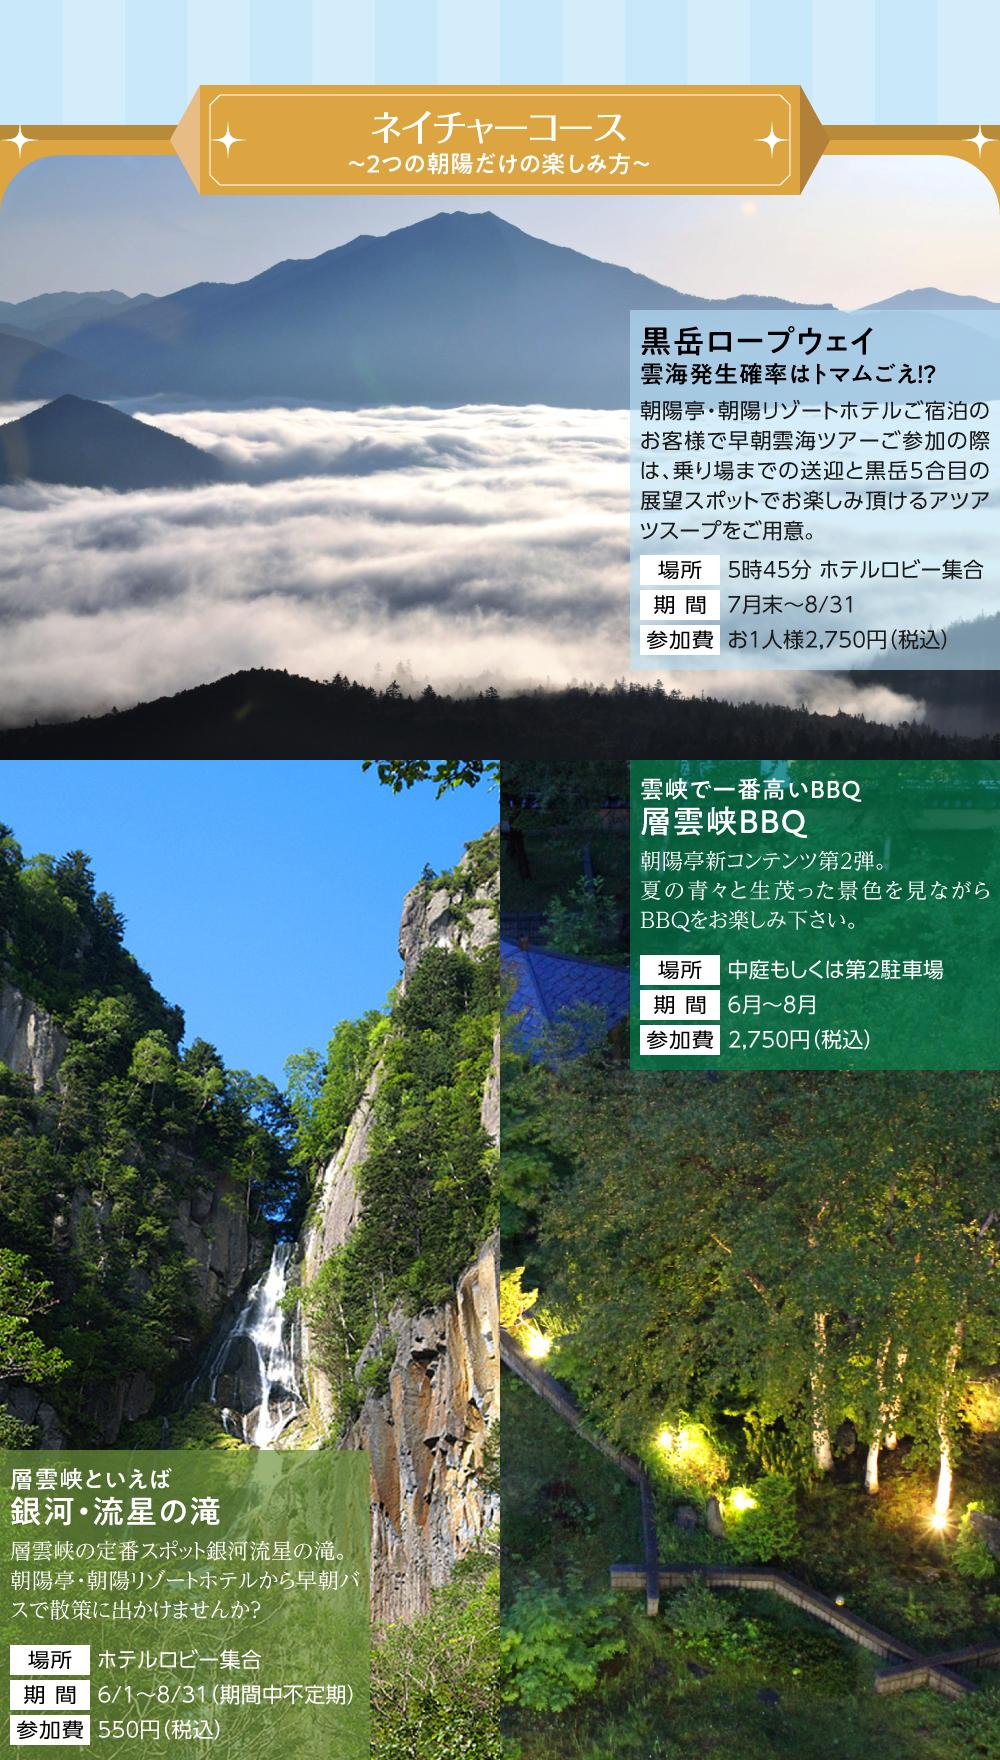 黒岳ロープウェイ 雲海発生率はトマムごえ!? 層雲峡で一番高いBBQ 層雲峡といえば銀河・流星の滝